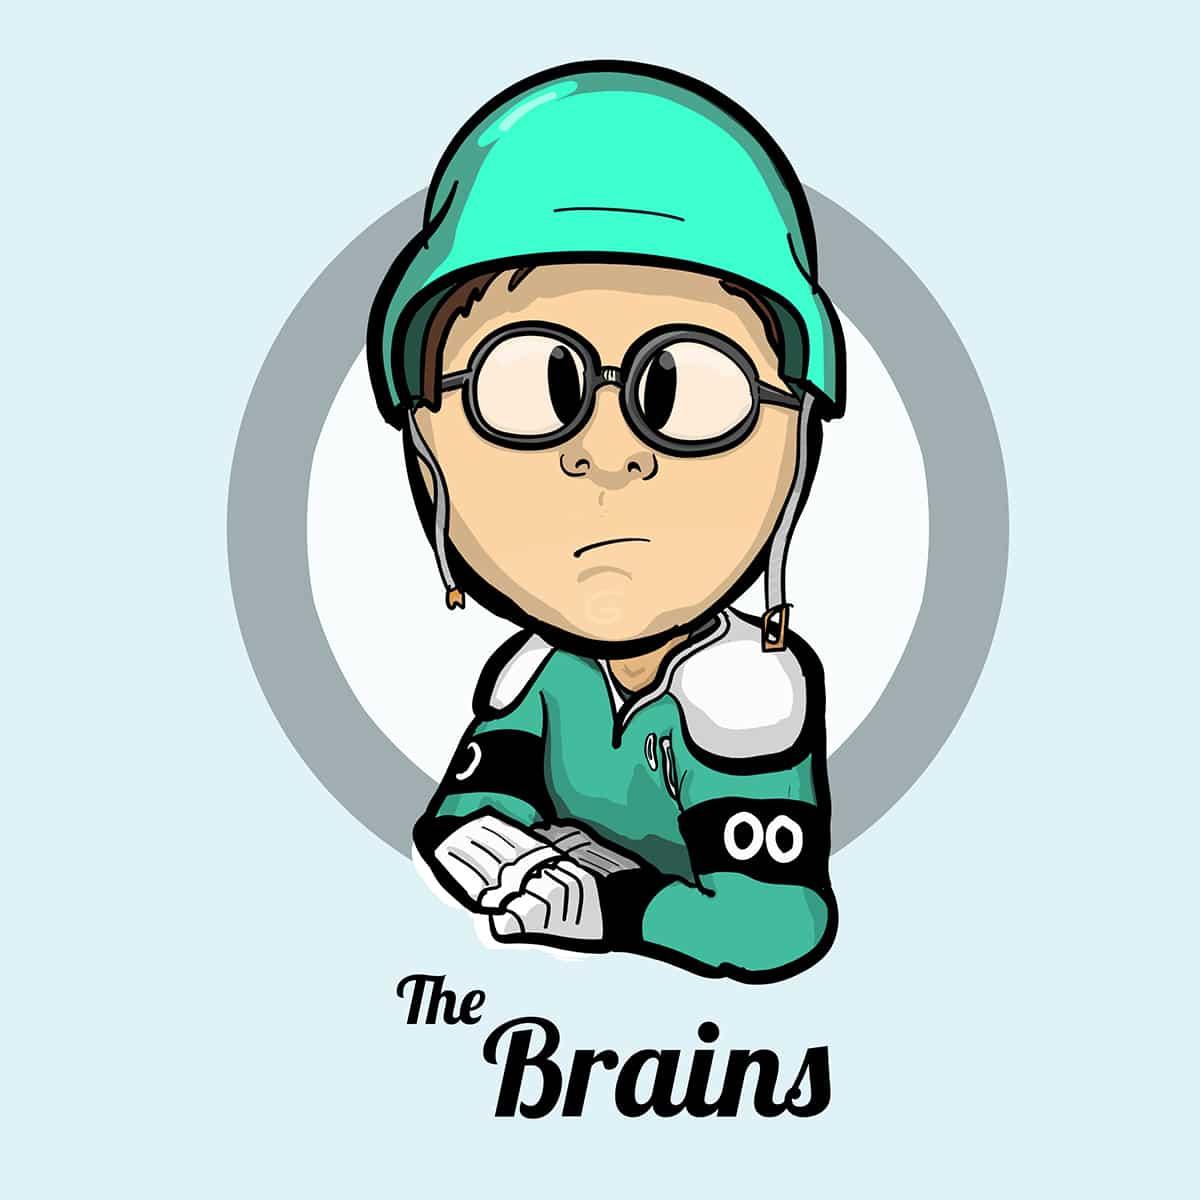 character illustration for E-Commerce website